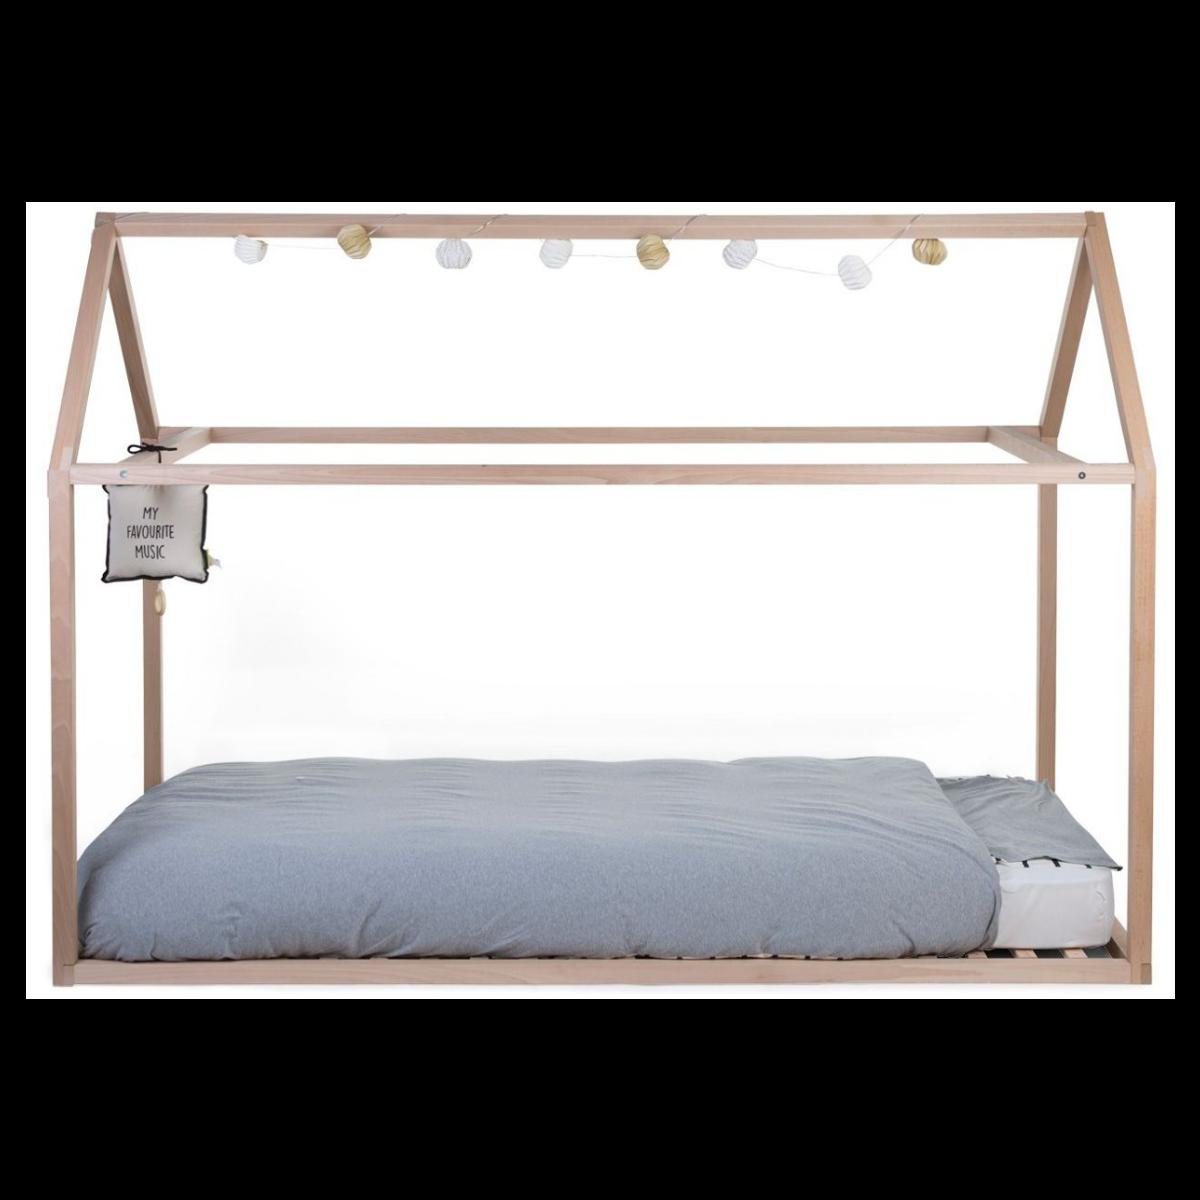 Somier para cama tipi de 90 x 200 cm childhome shopmami for Estructura cama 90x200